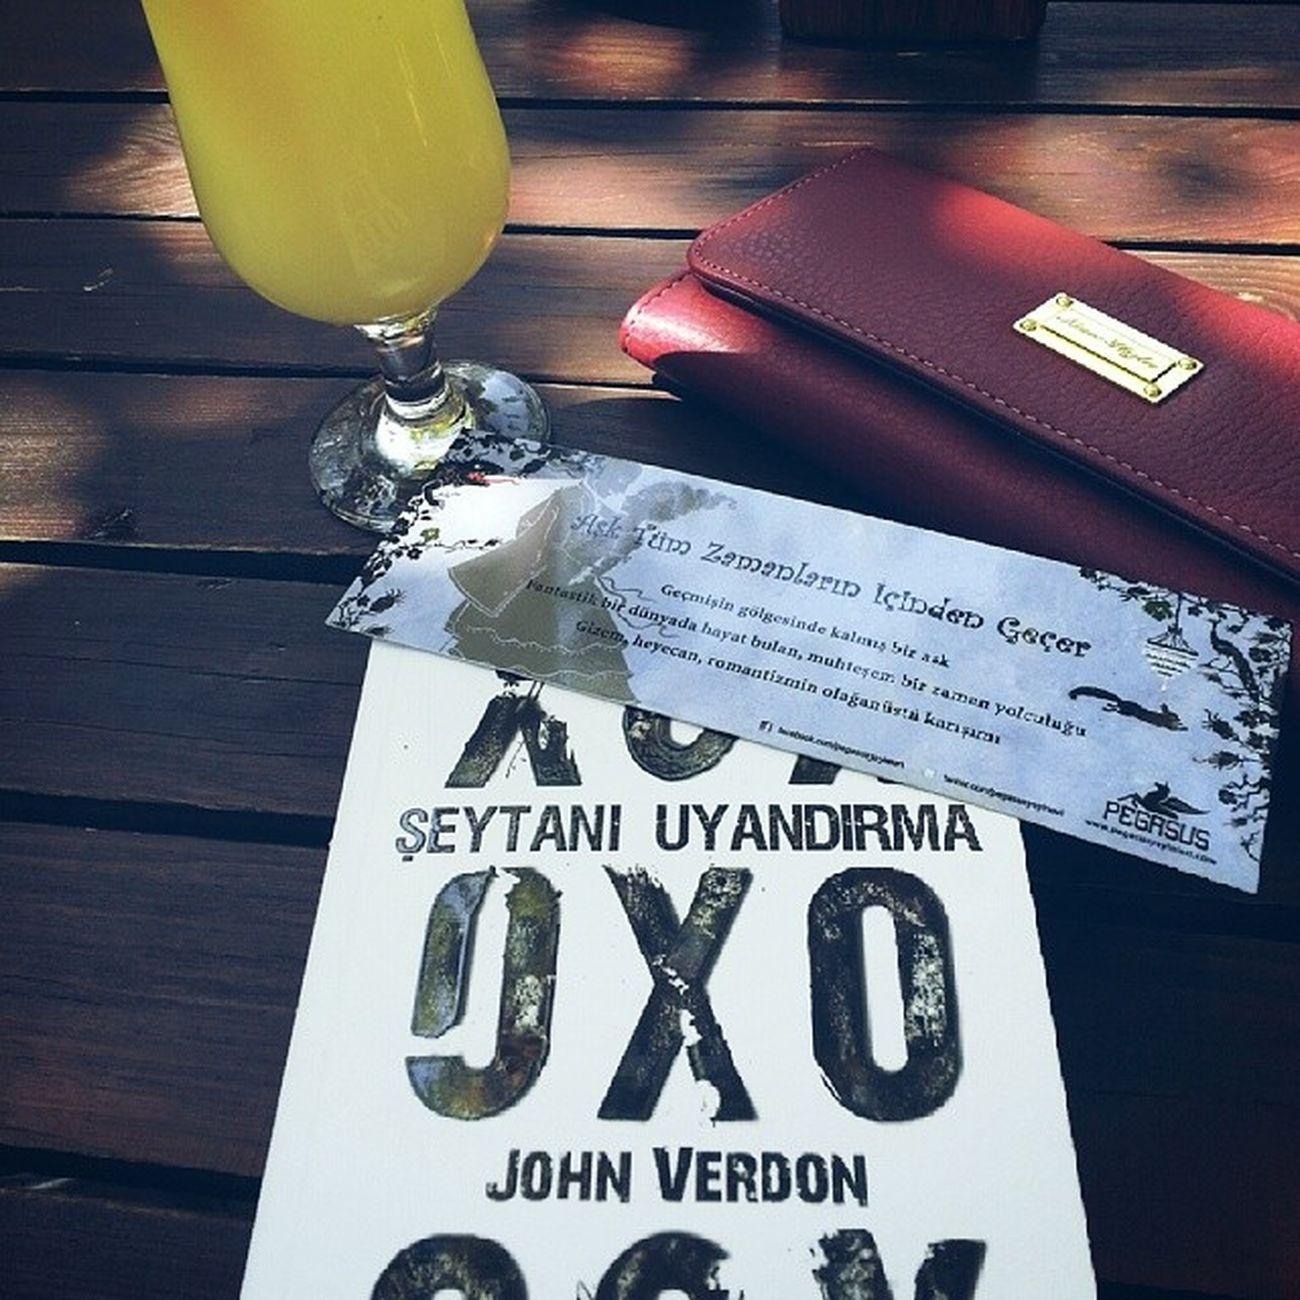 Lemonade şeytanı Uyandırma Serpil café can sıkıntısı kitap okuma aşkı ???